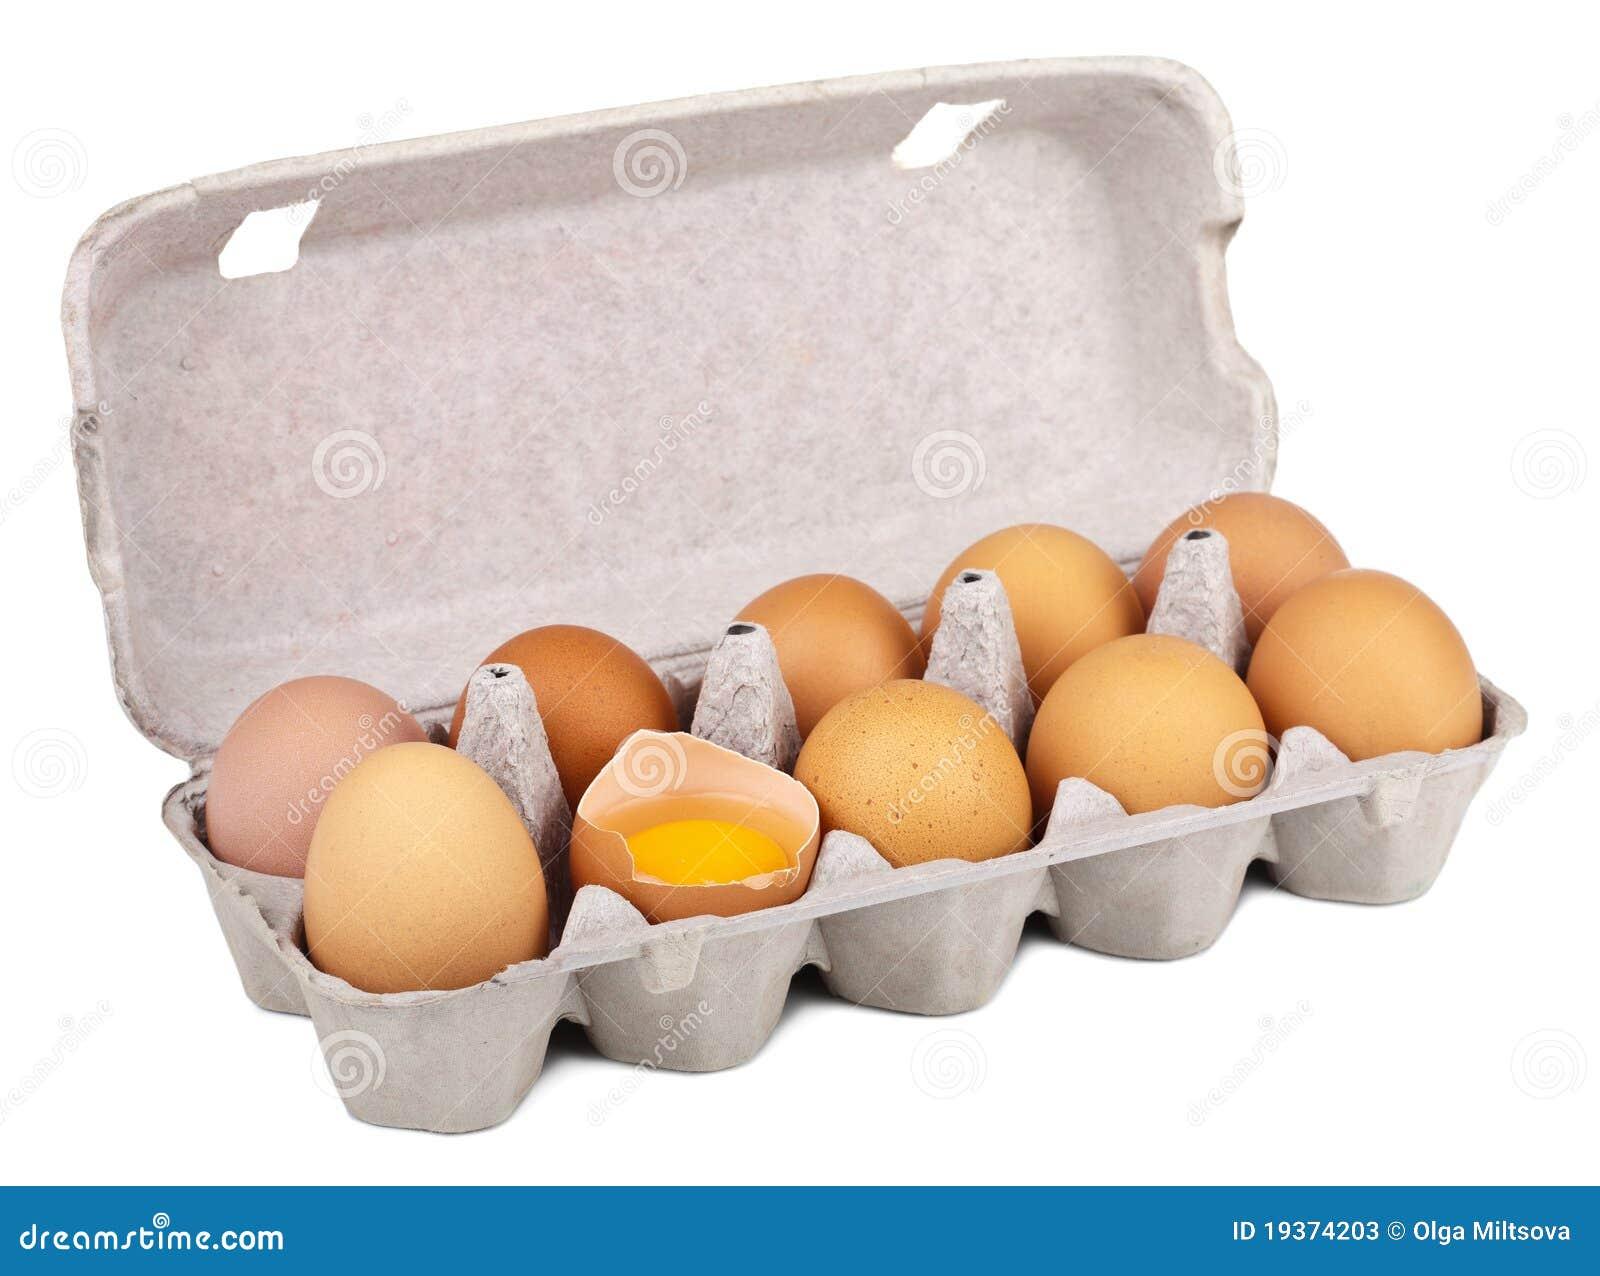 Ovos na caixa isolada